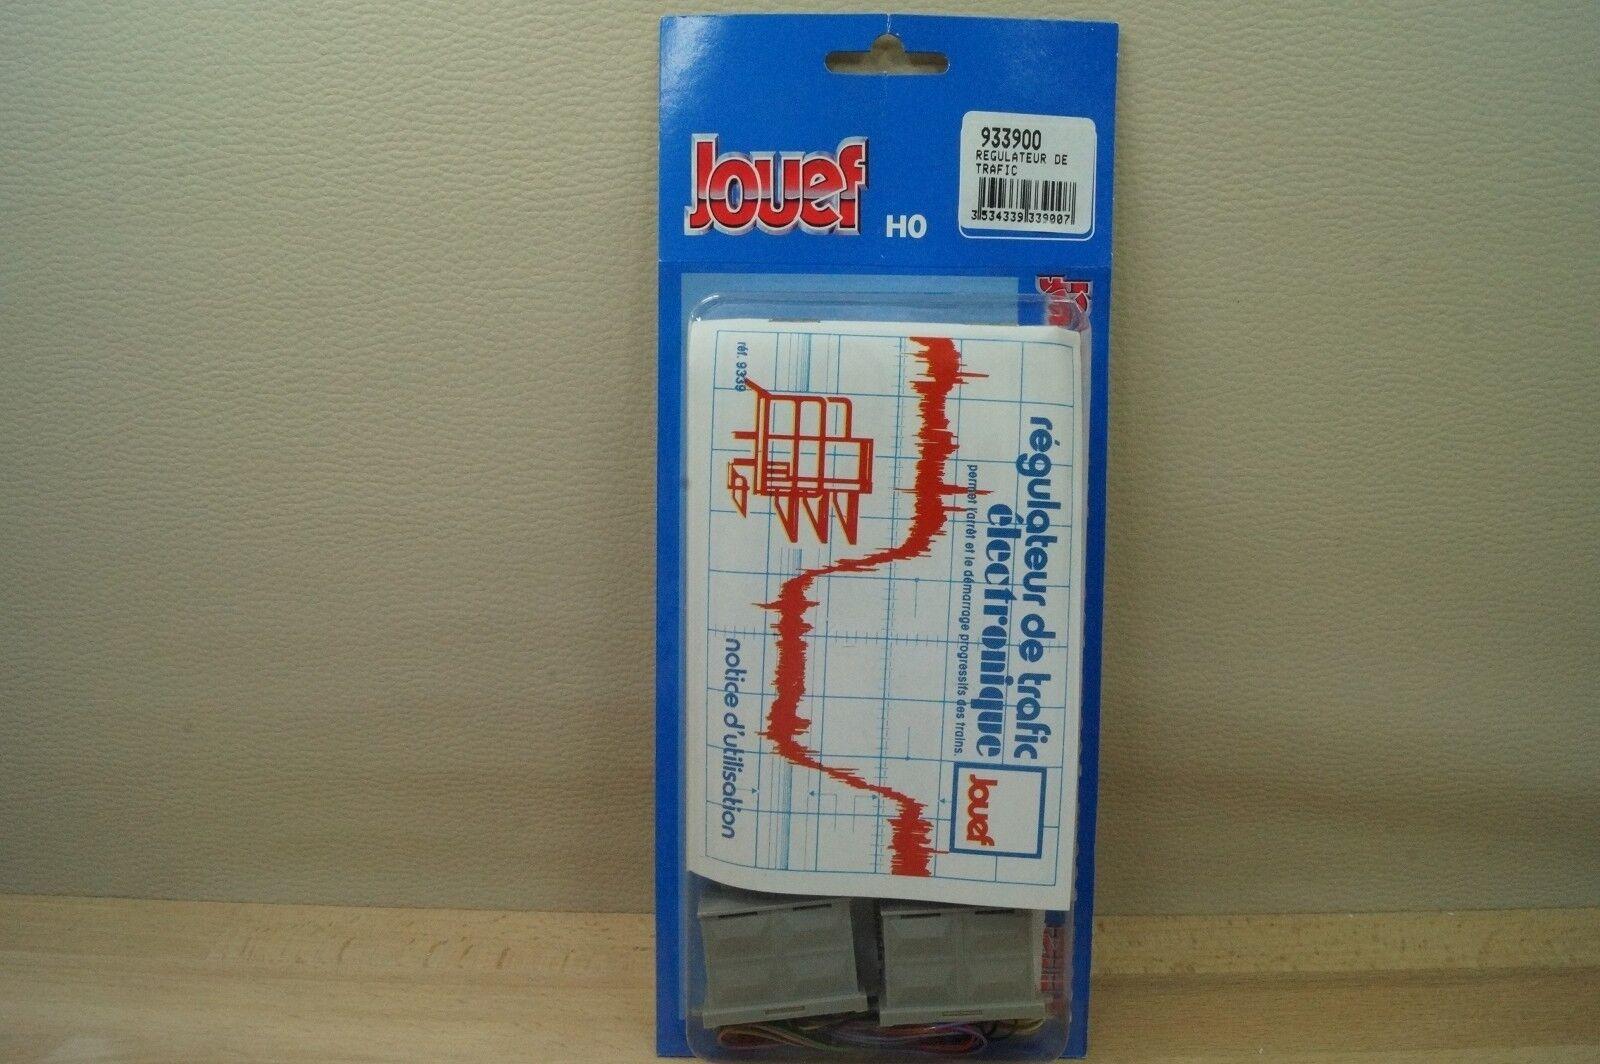 Jouef 933900 régulateur de trafic électronique neuf en BO sous blister (2)